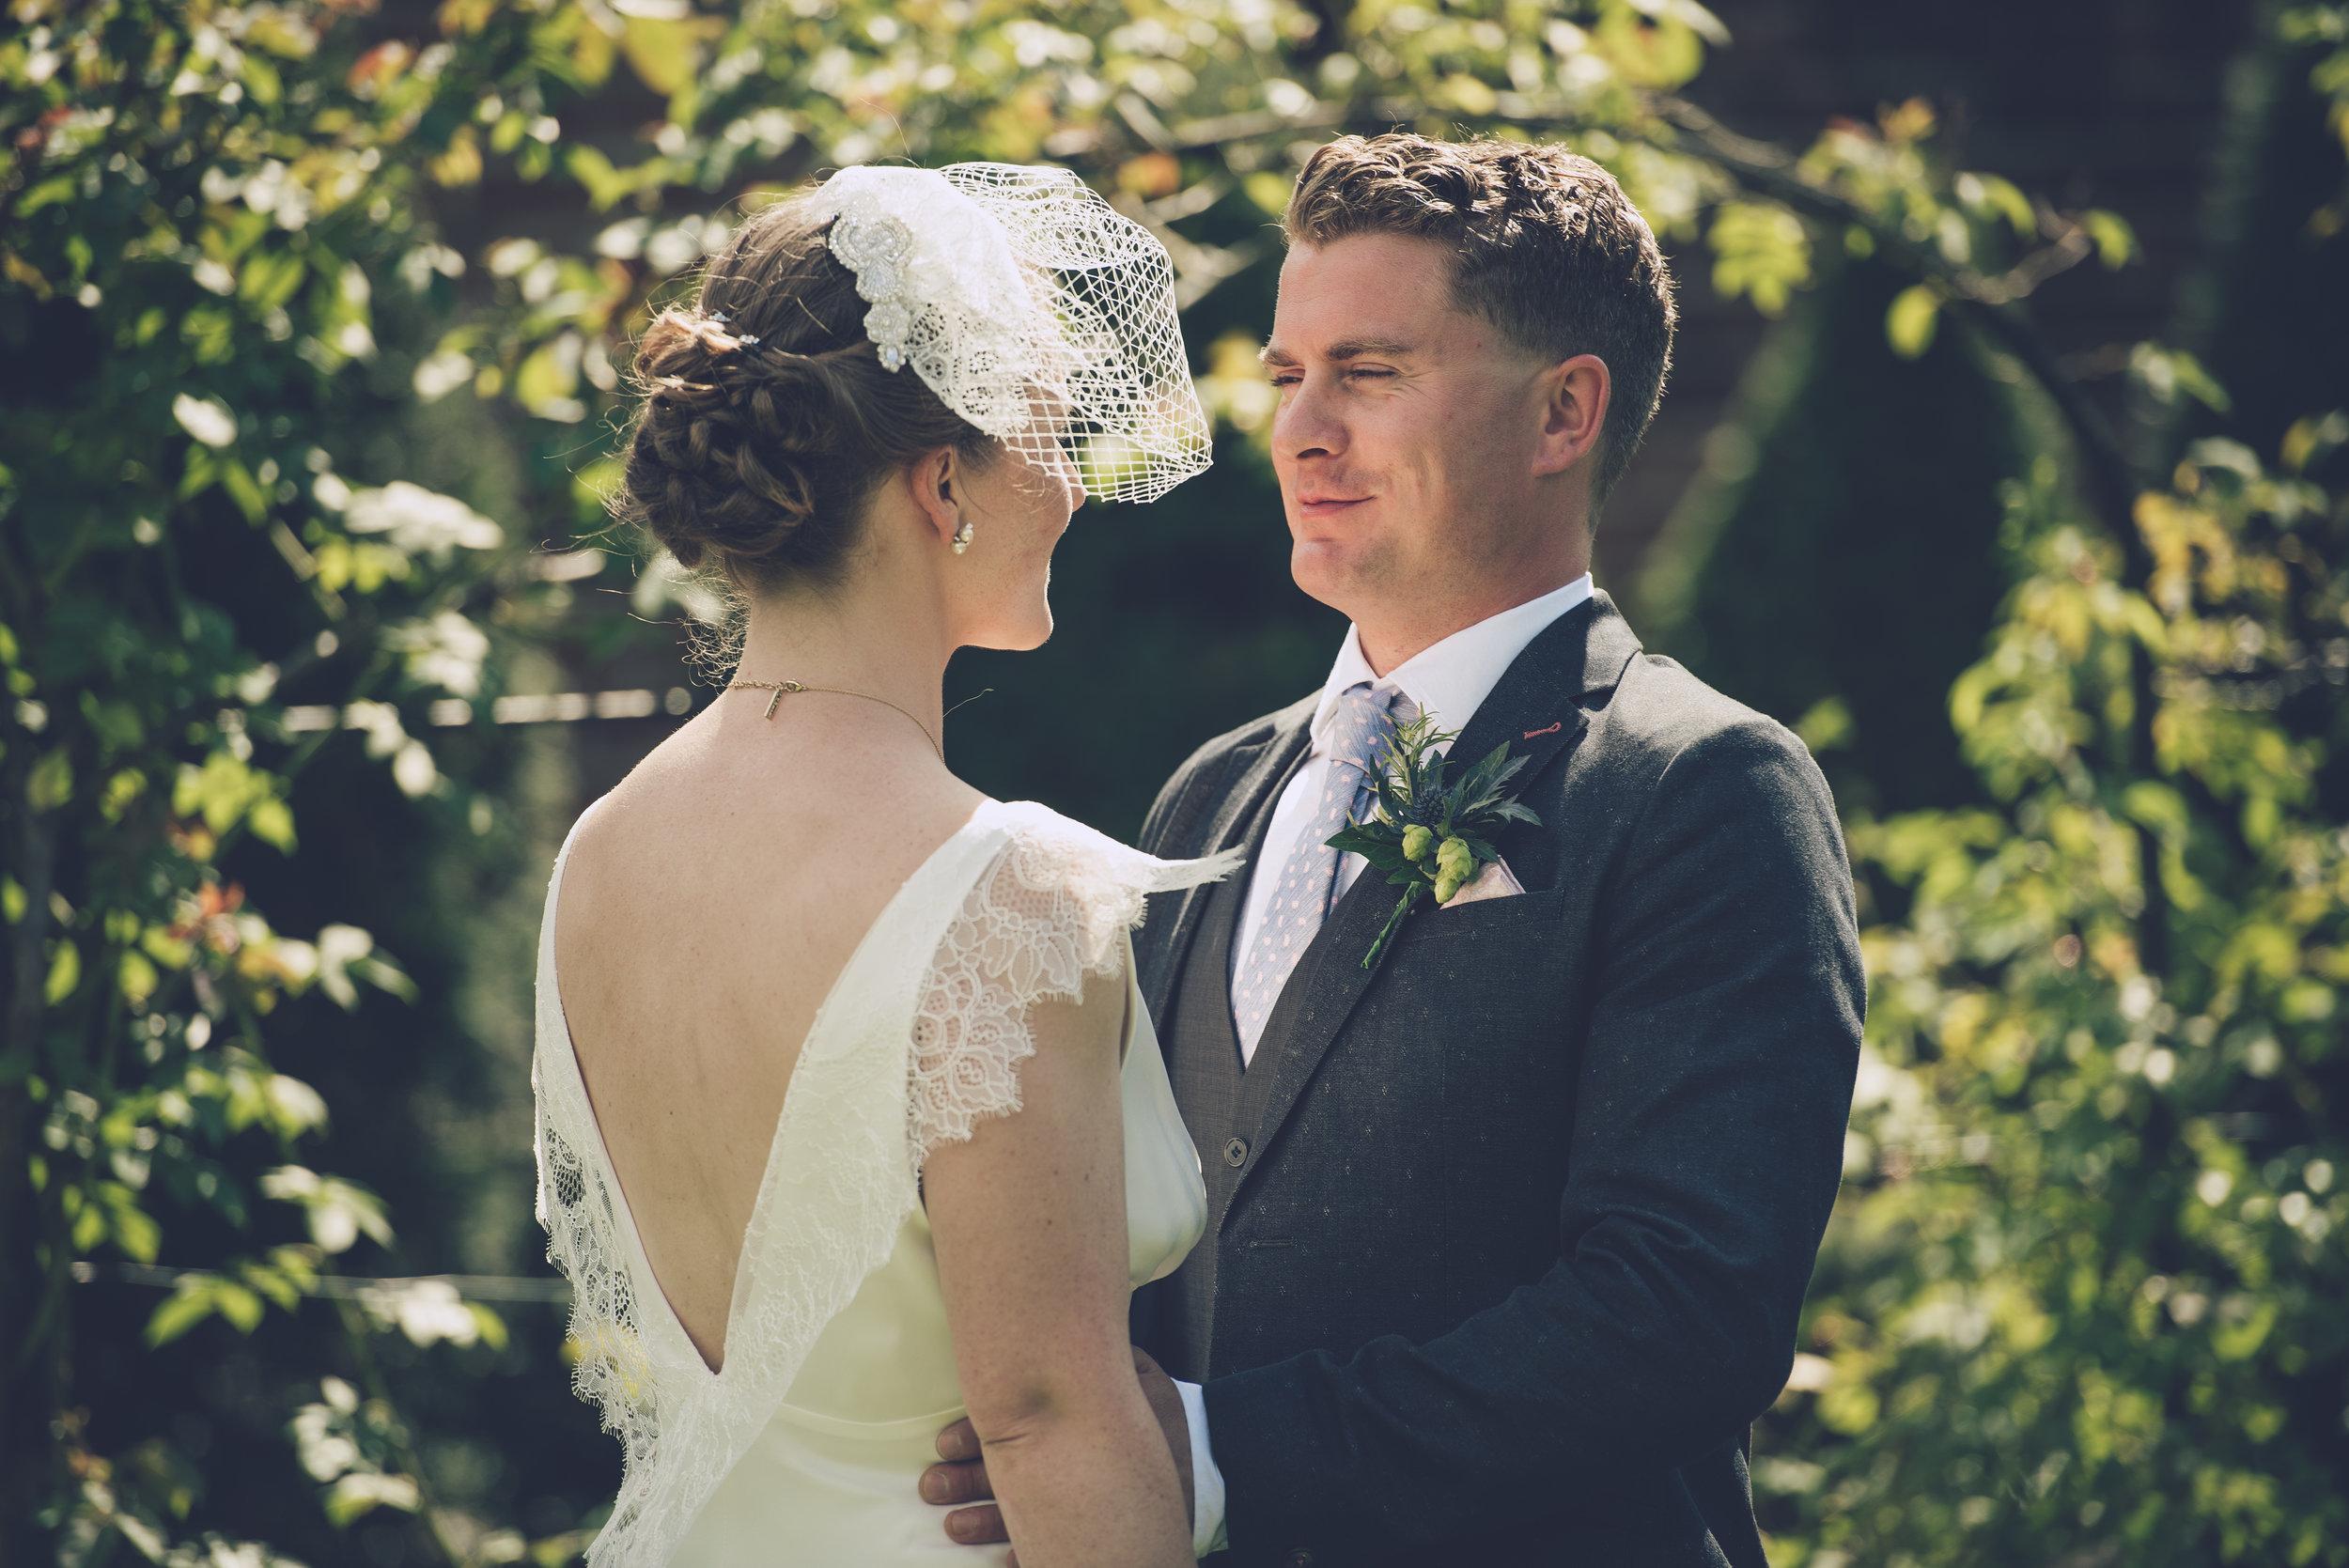 Sarah-Susanna-Greening-Bias-Vintage-Lace-Wedding-Dress-Bespoke-Matlock-Derbyshire-17